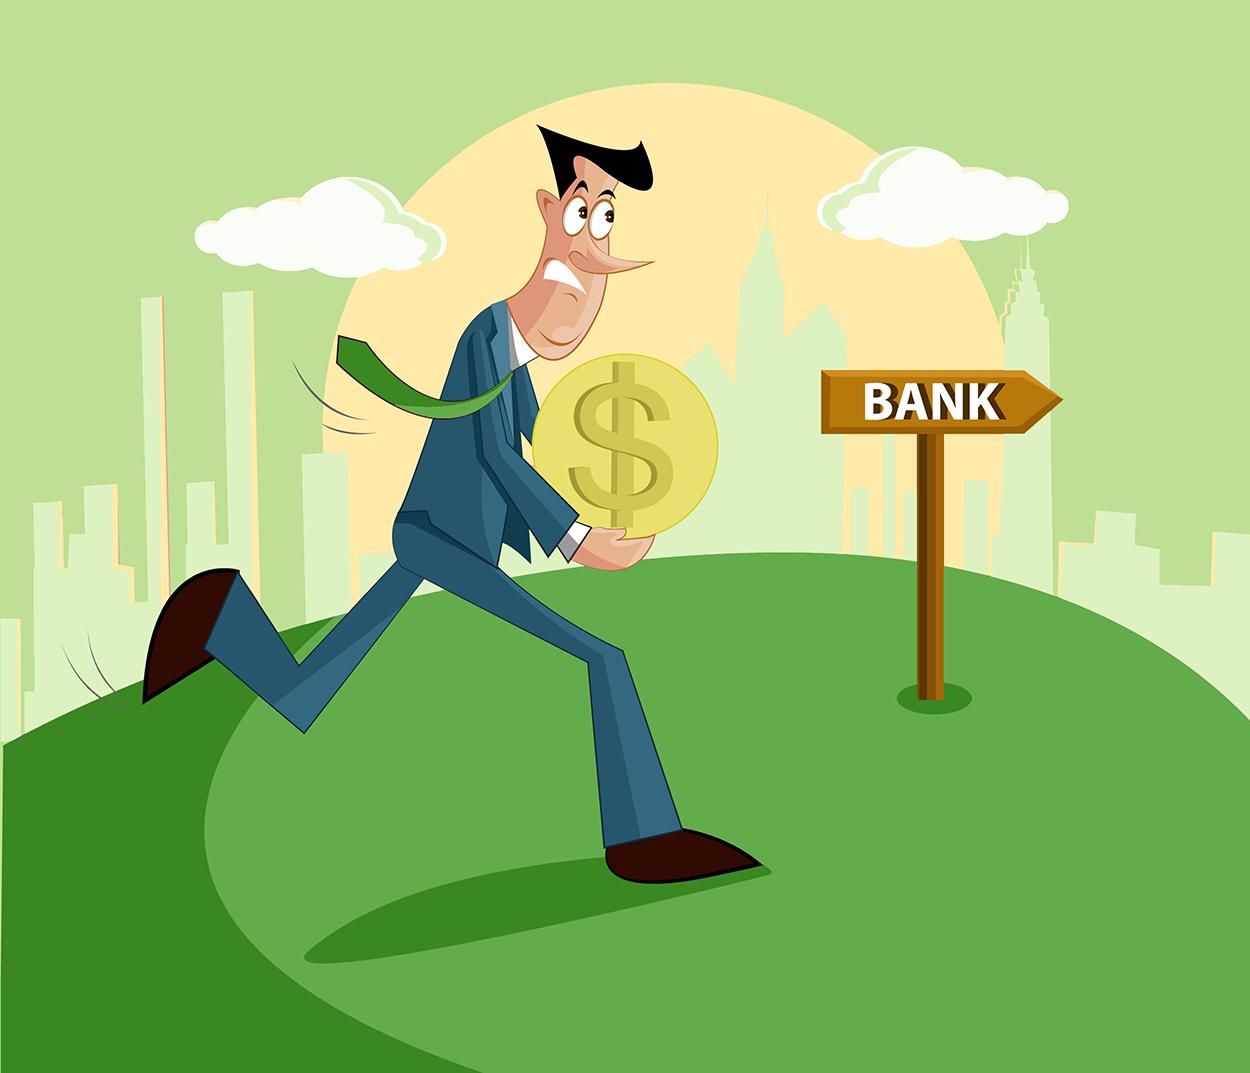 Man Paying Bank.